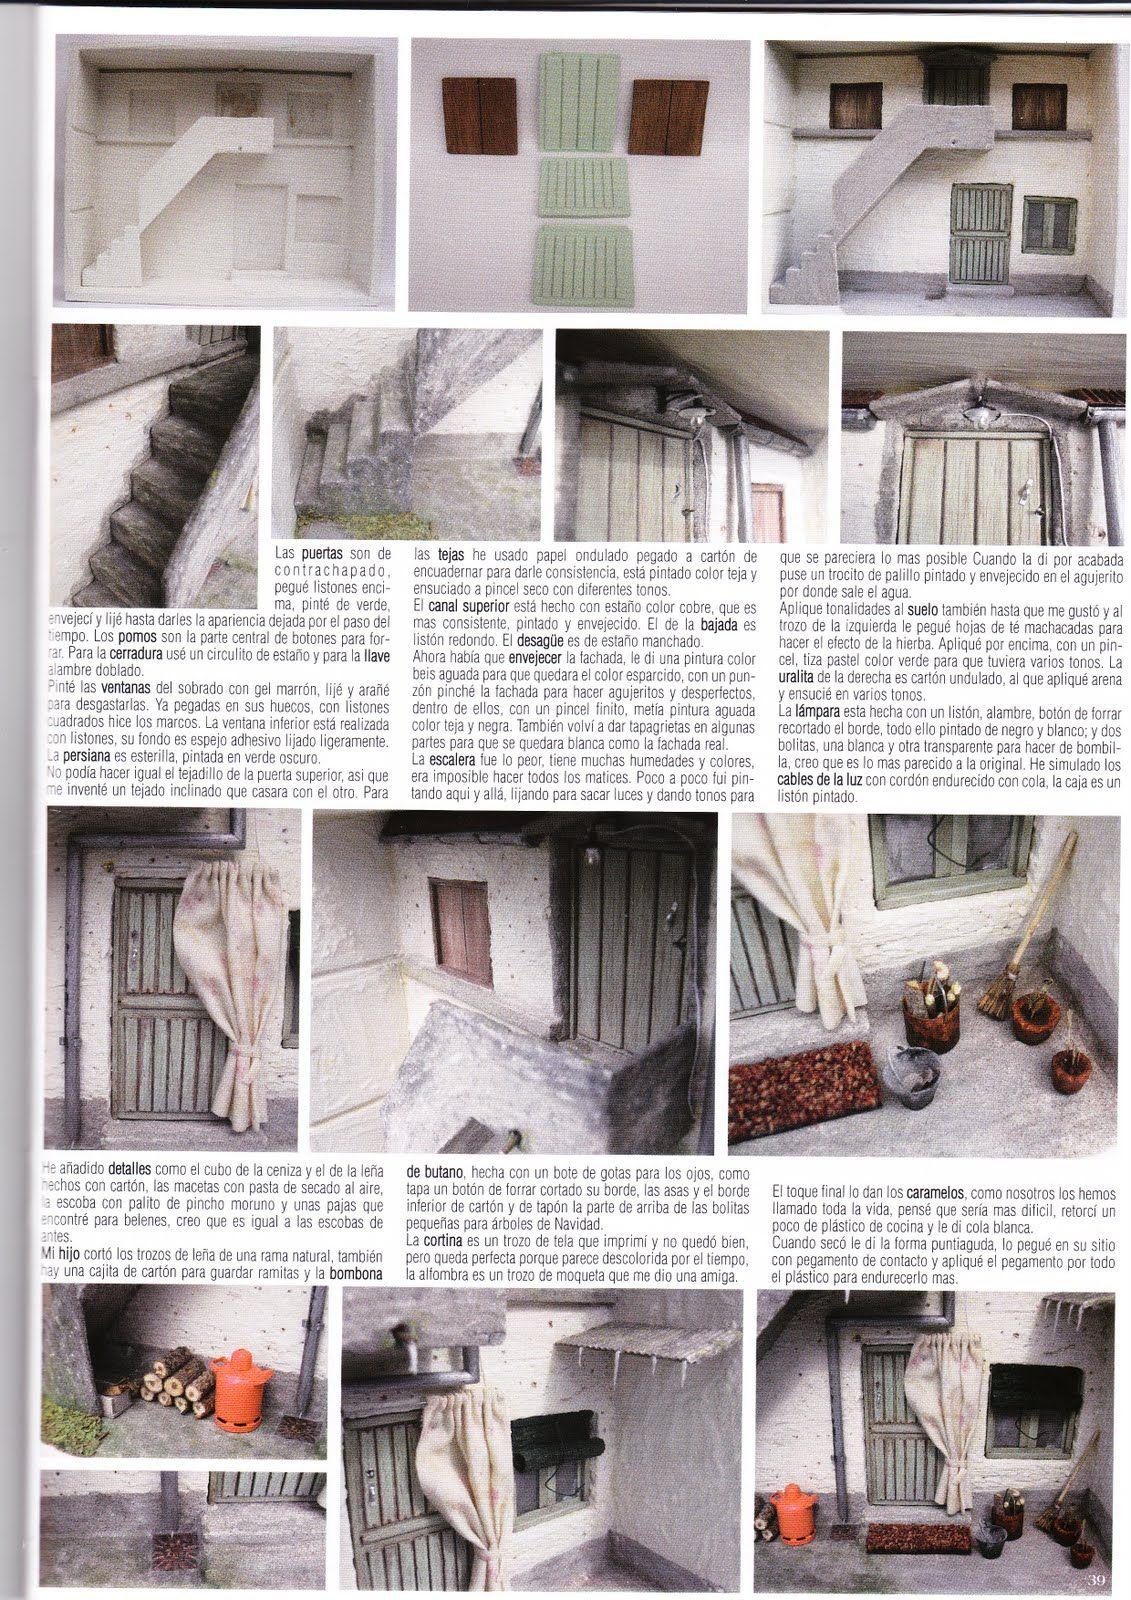 4.bp.blogspot.com -TVniOS9jO8M Tg4lqLpTFxI AAAAAAAACMg Gcl_paAvYqc s1600 IMG_0006.jpg